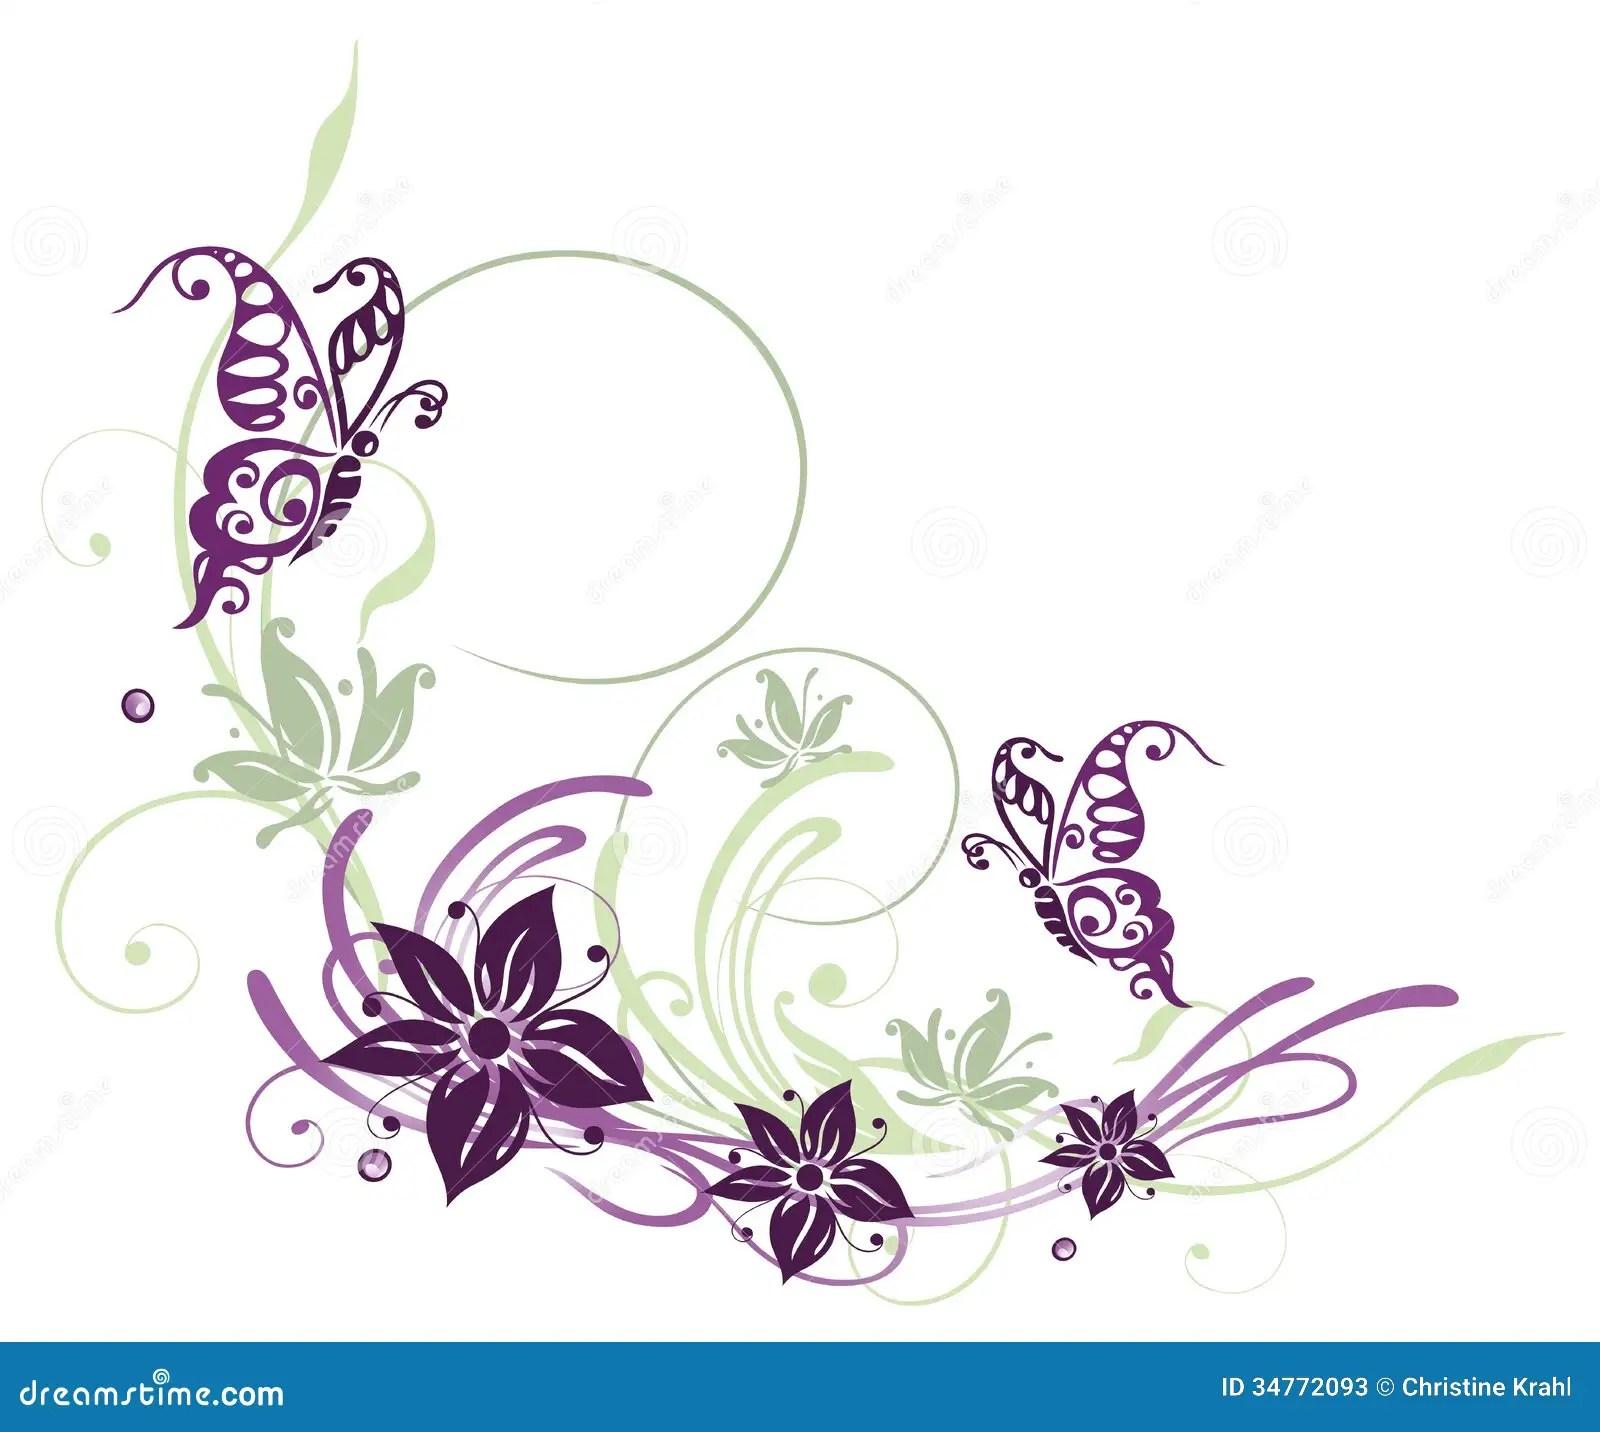 Flores mariposas ilustracin del vector Imagen de travieso  34772093